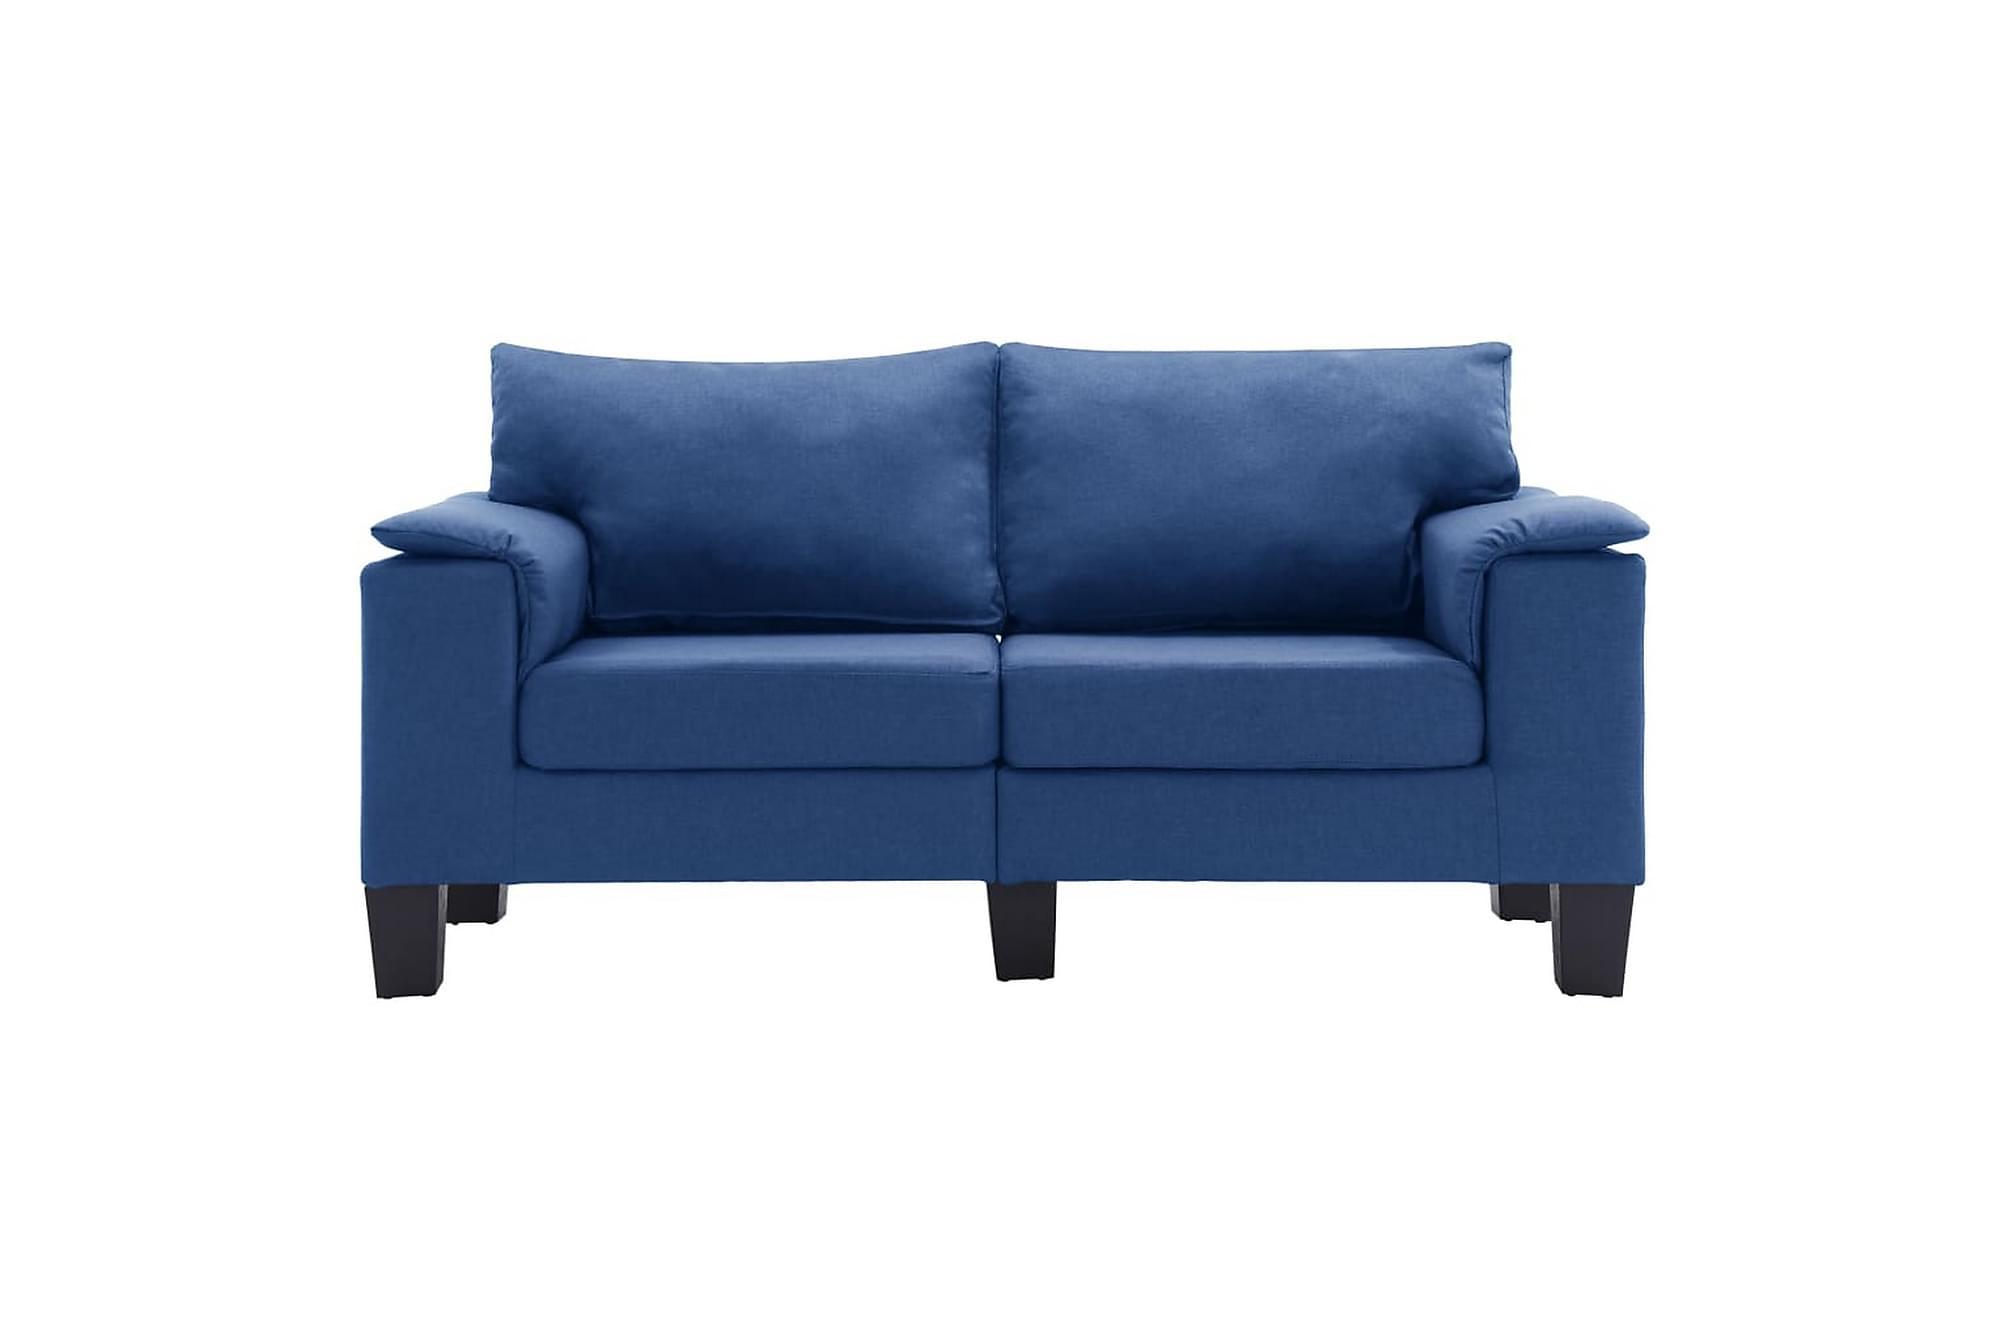 2-sitssoffa blå tyg, Modulsoffor